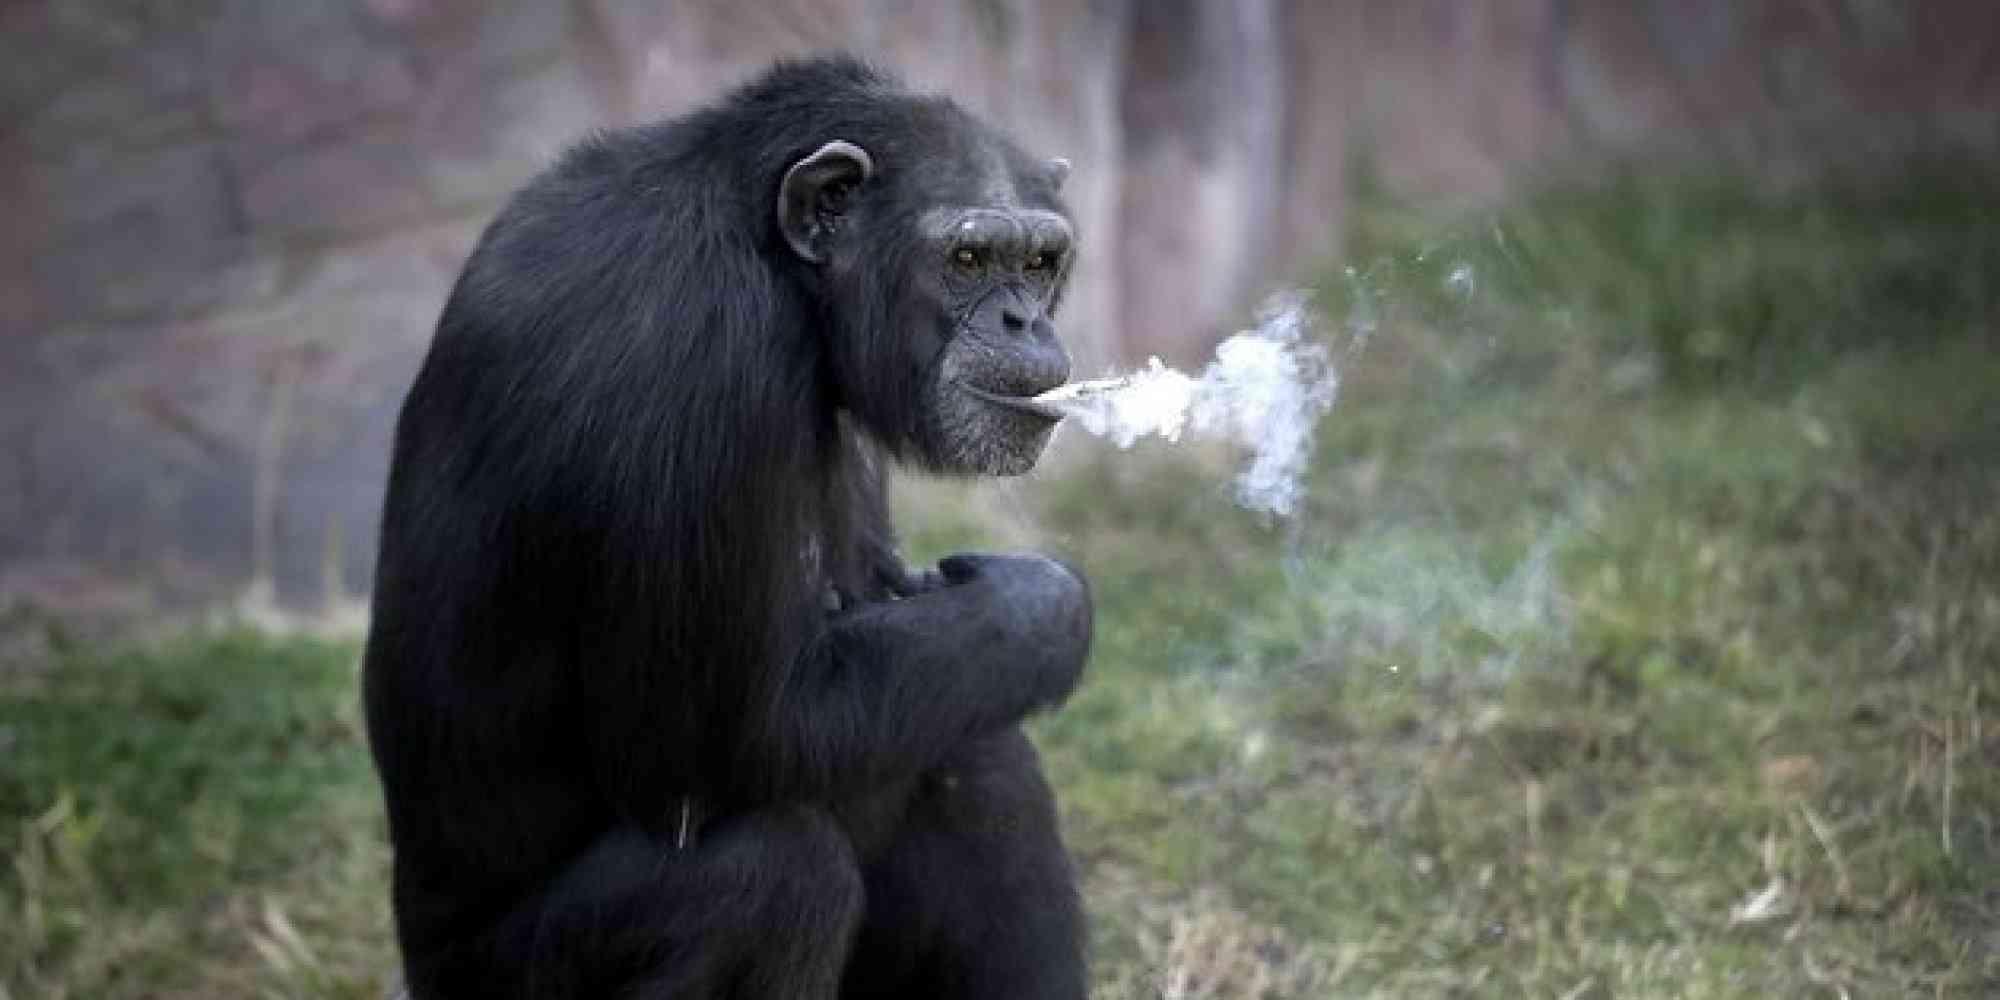 たばこを吸う理由の1位は? - 2位は「イライラするから」